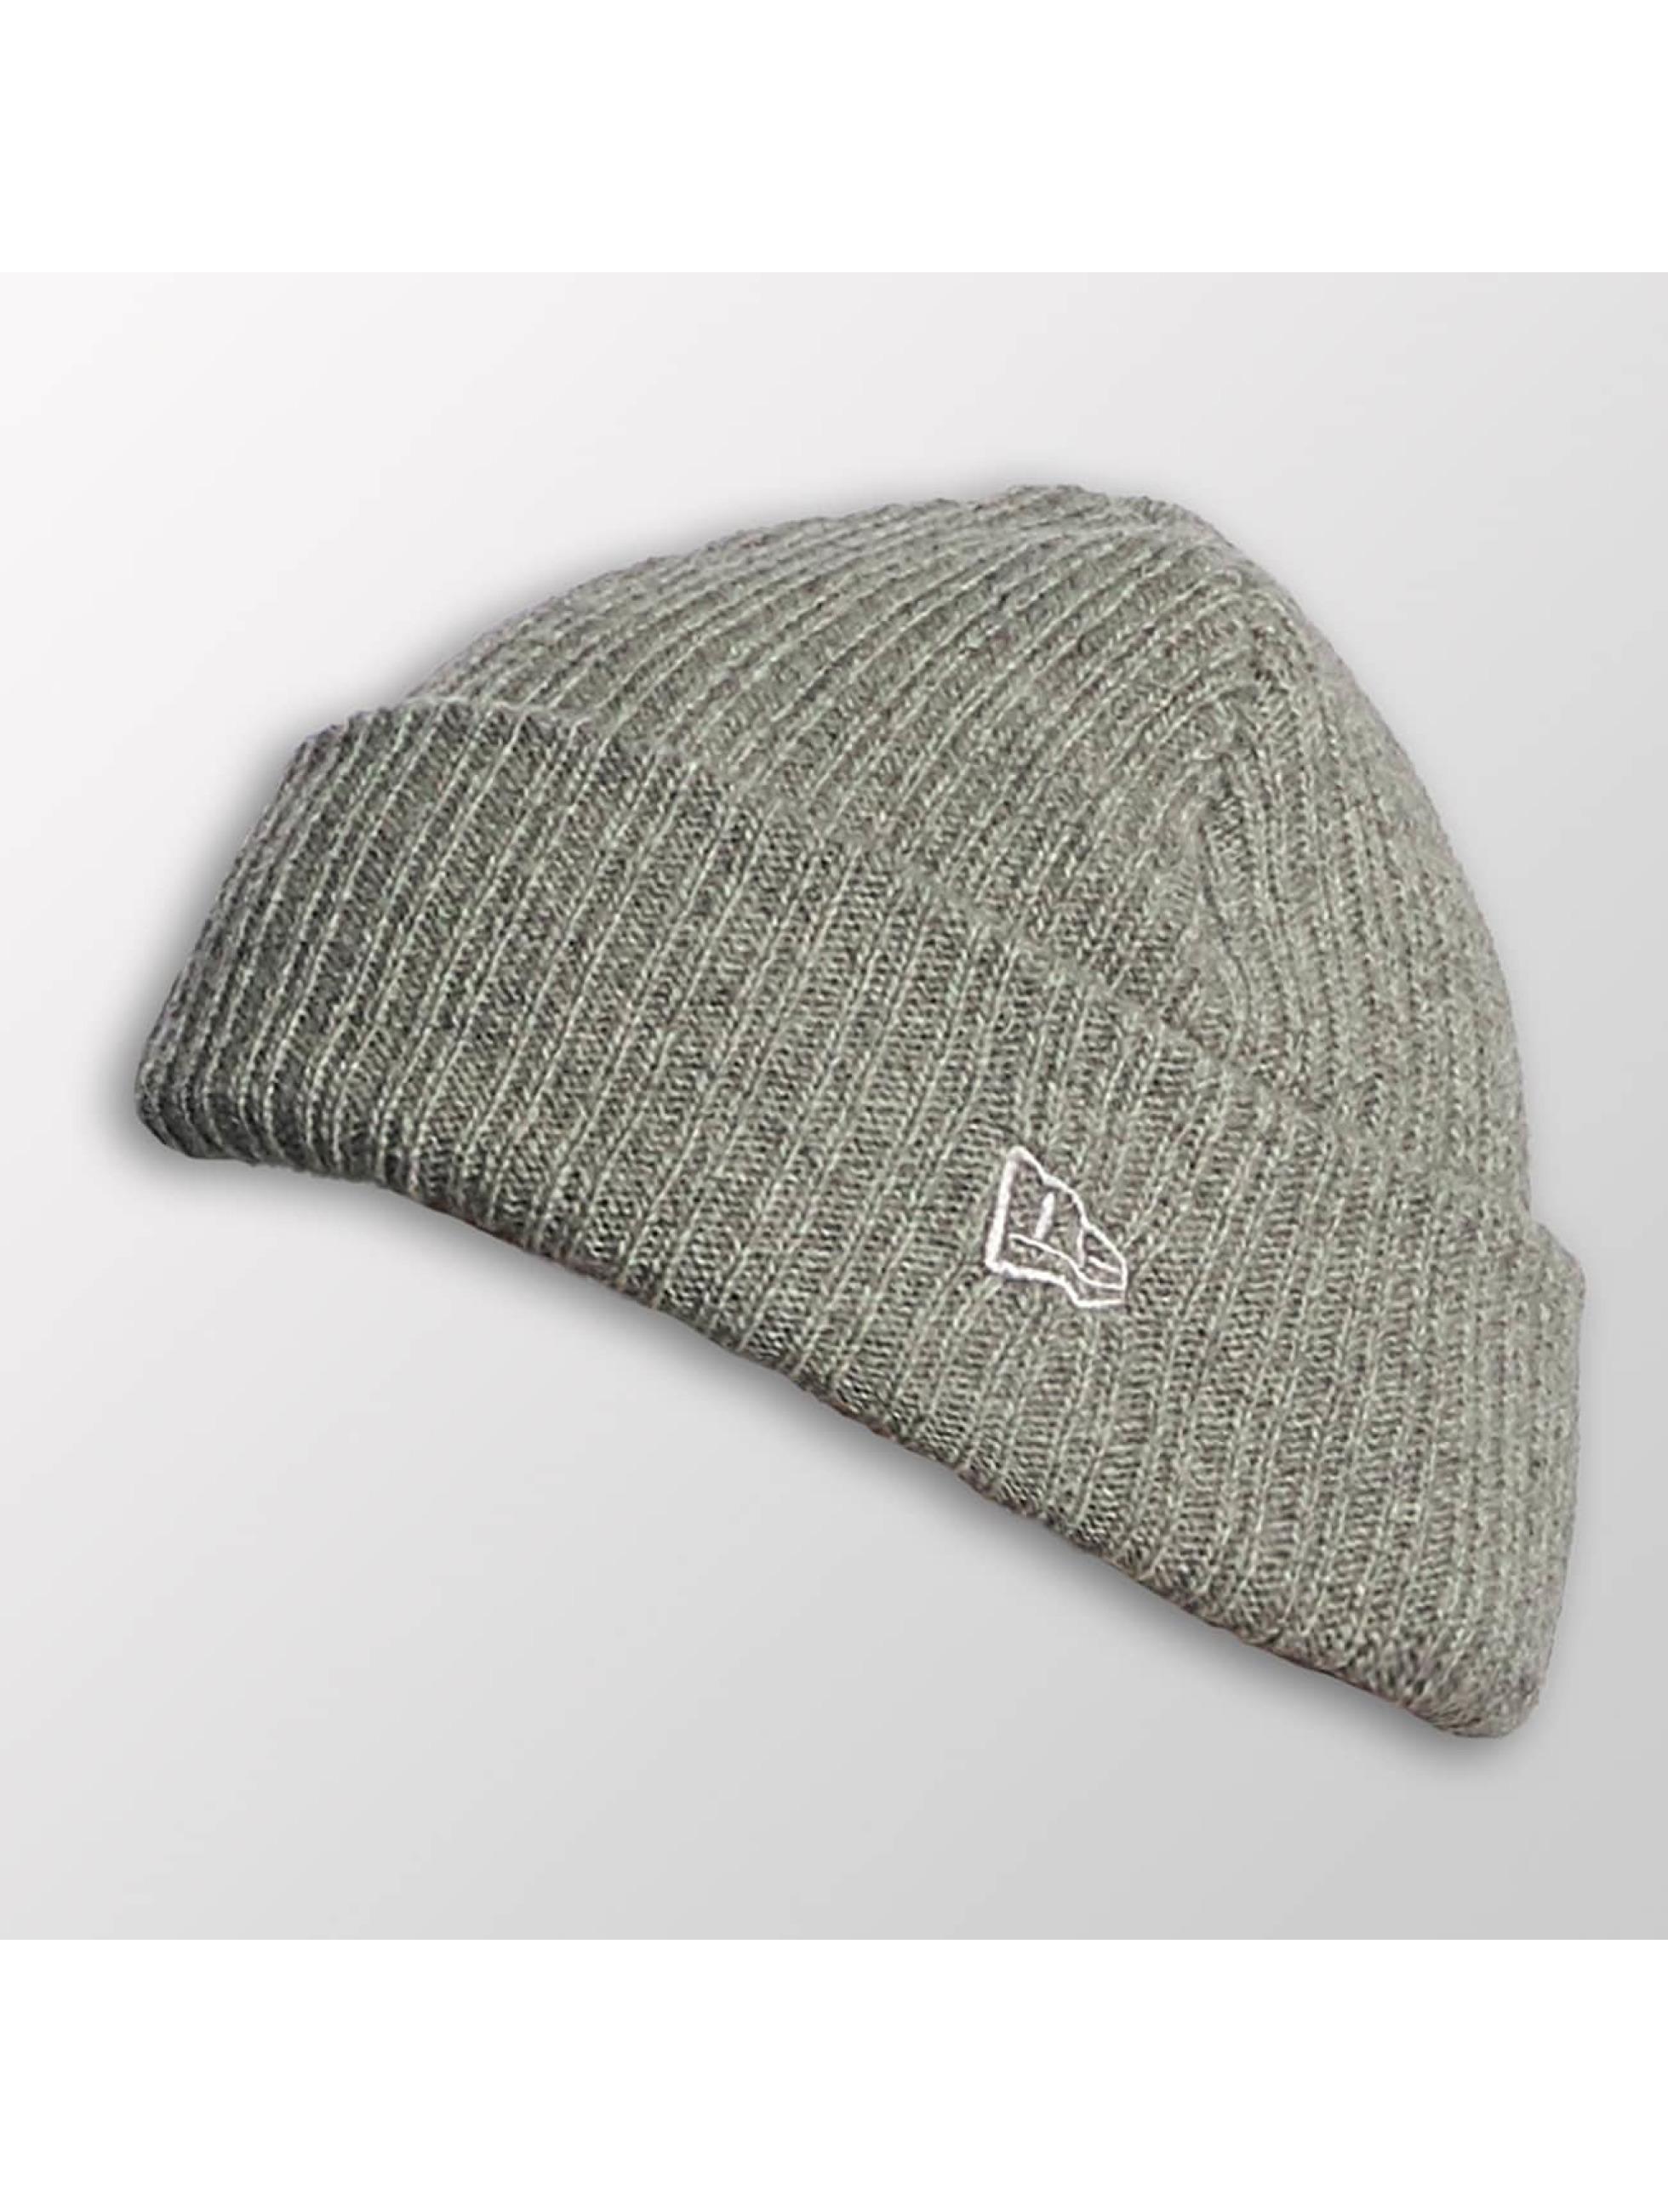 New Era Hat-1 Wool Mixed Knit gray